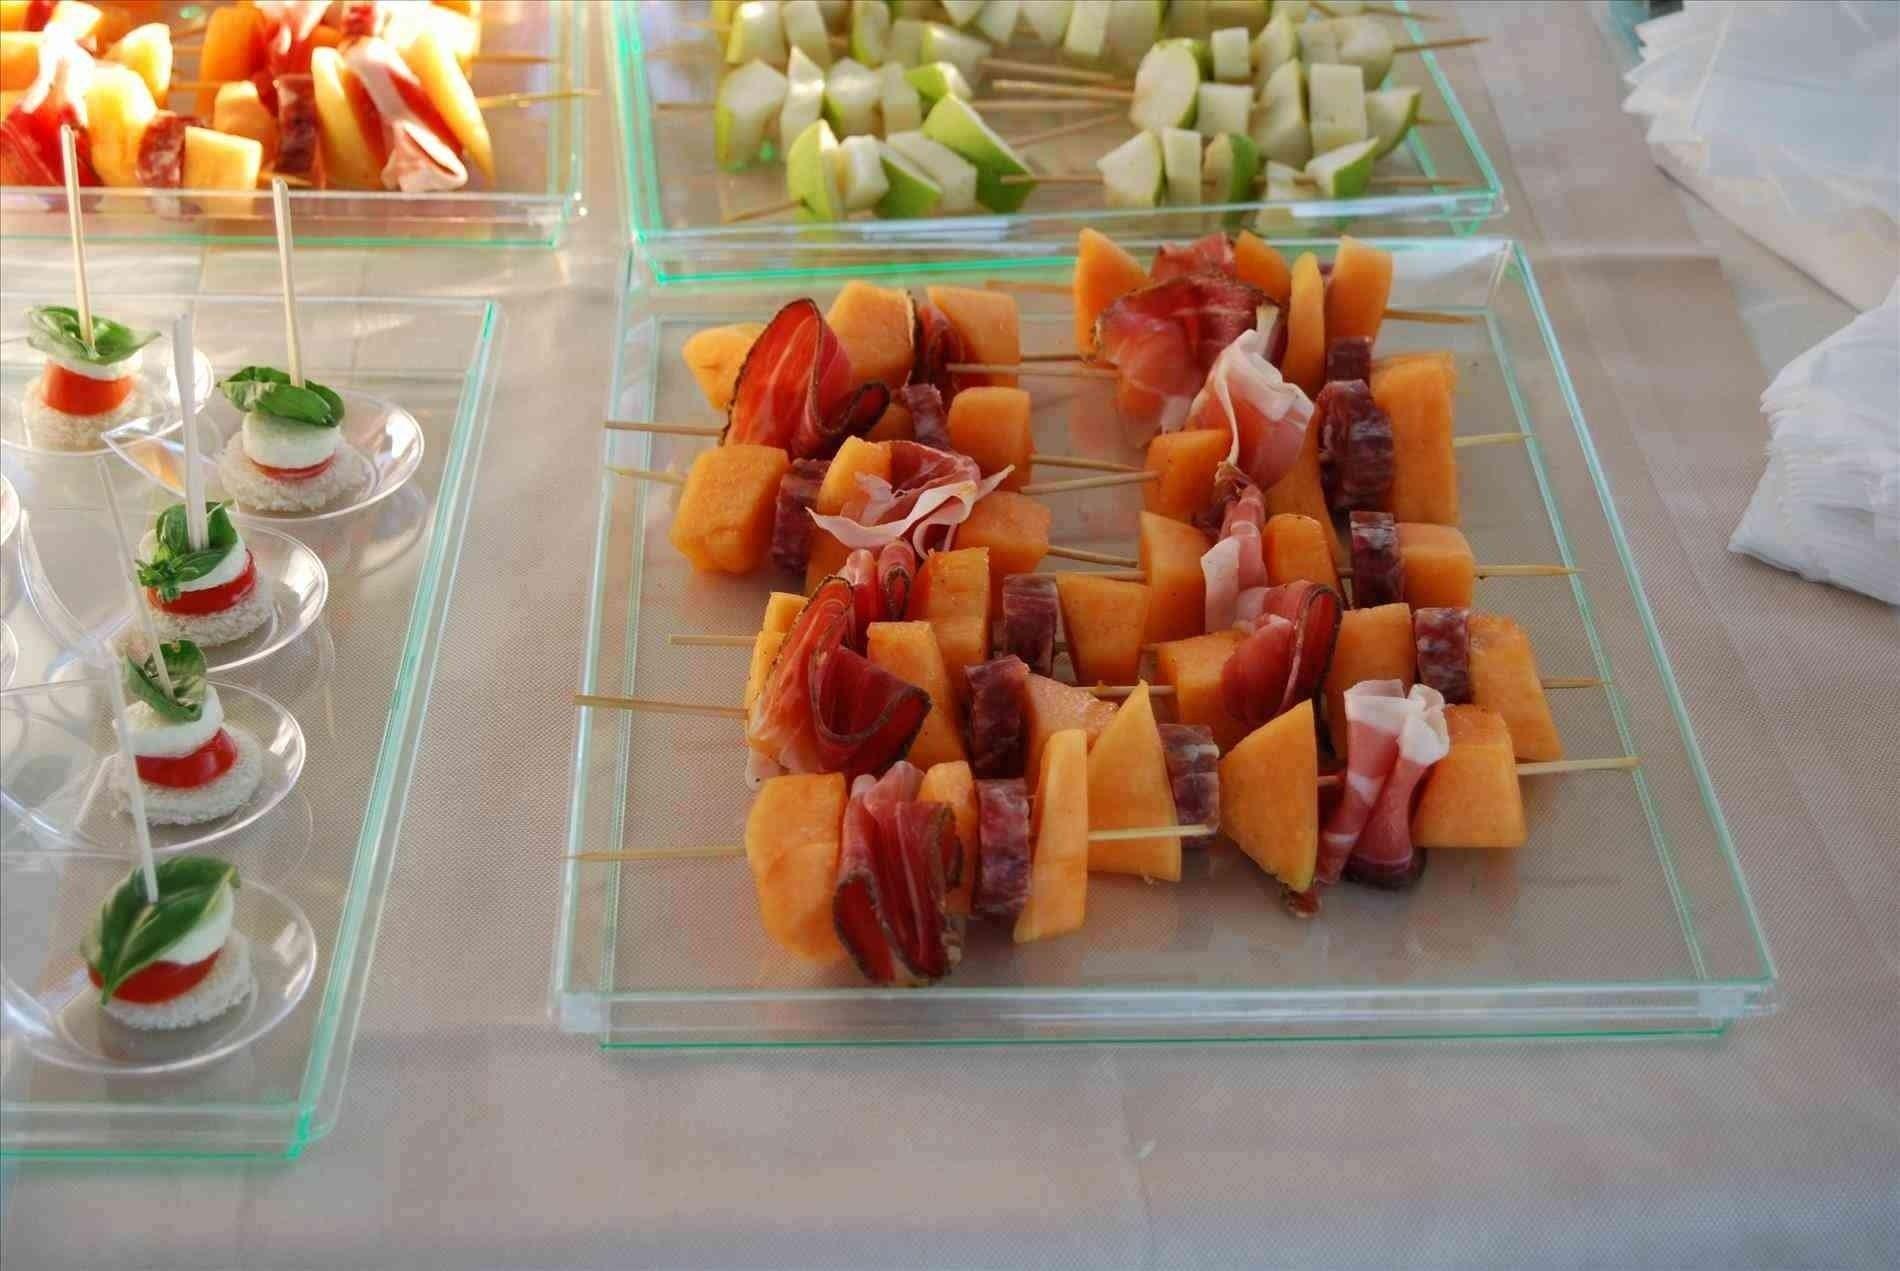 10 Most Recommended Bridal Shower Finger Food Ideas wedding shower food ideas awesome ideas bridal shower finger finger 2021